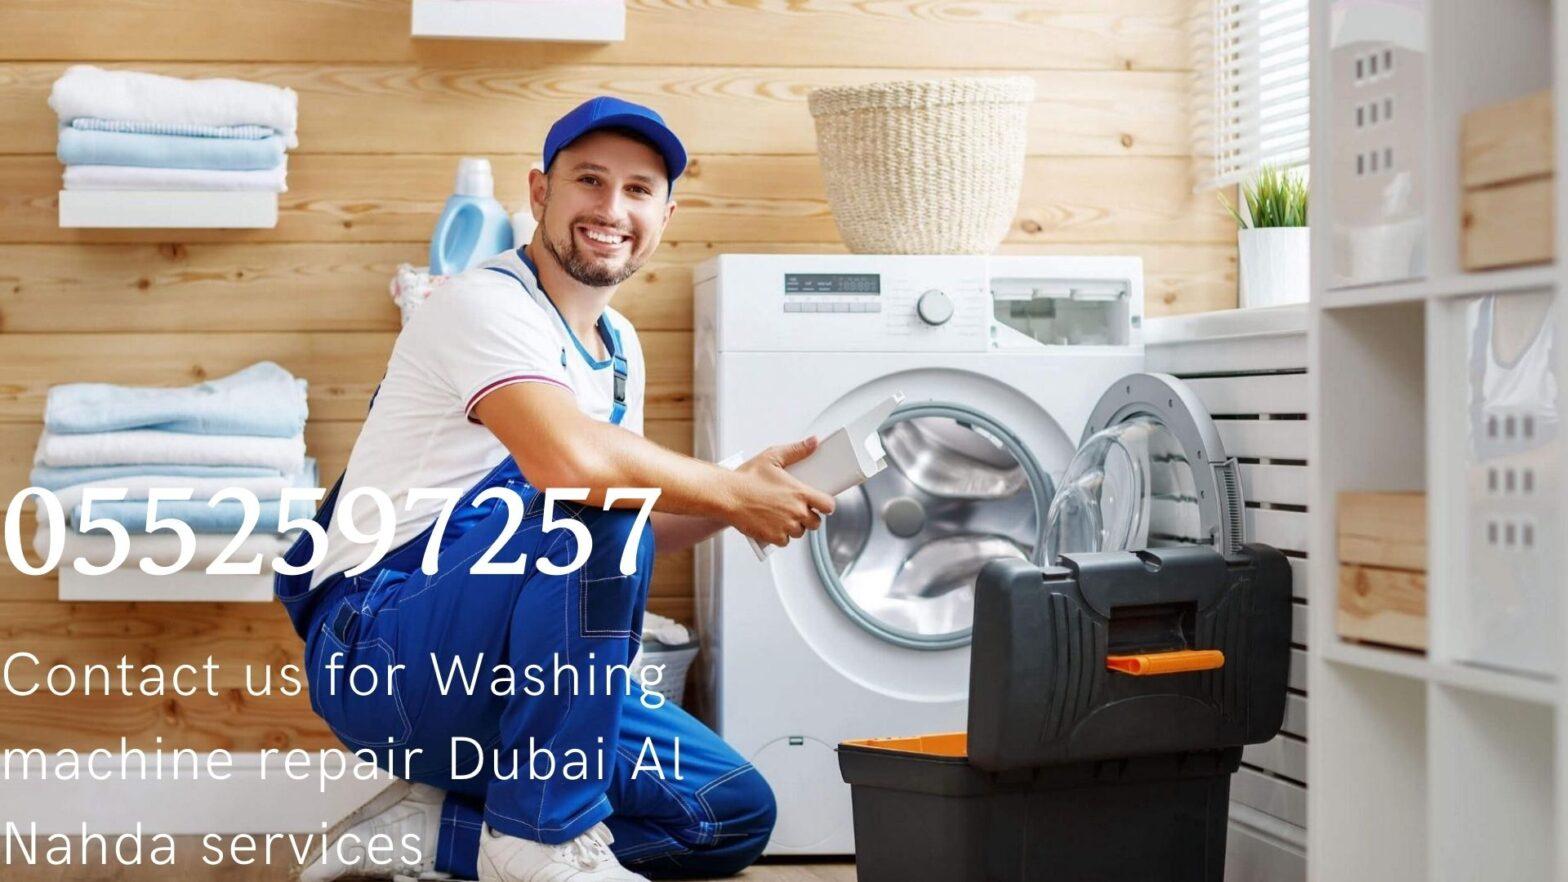 Washing machine repair Dubai Al Nahda